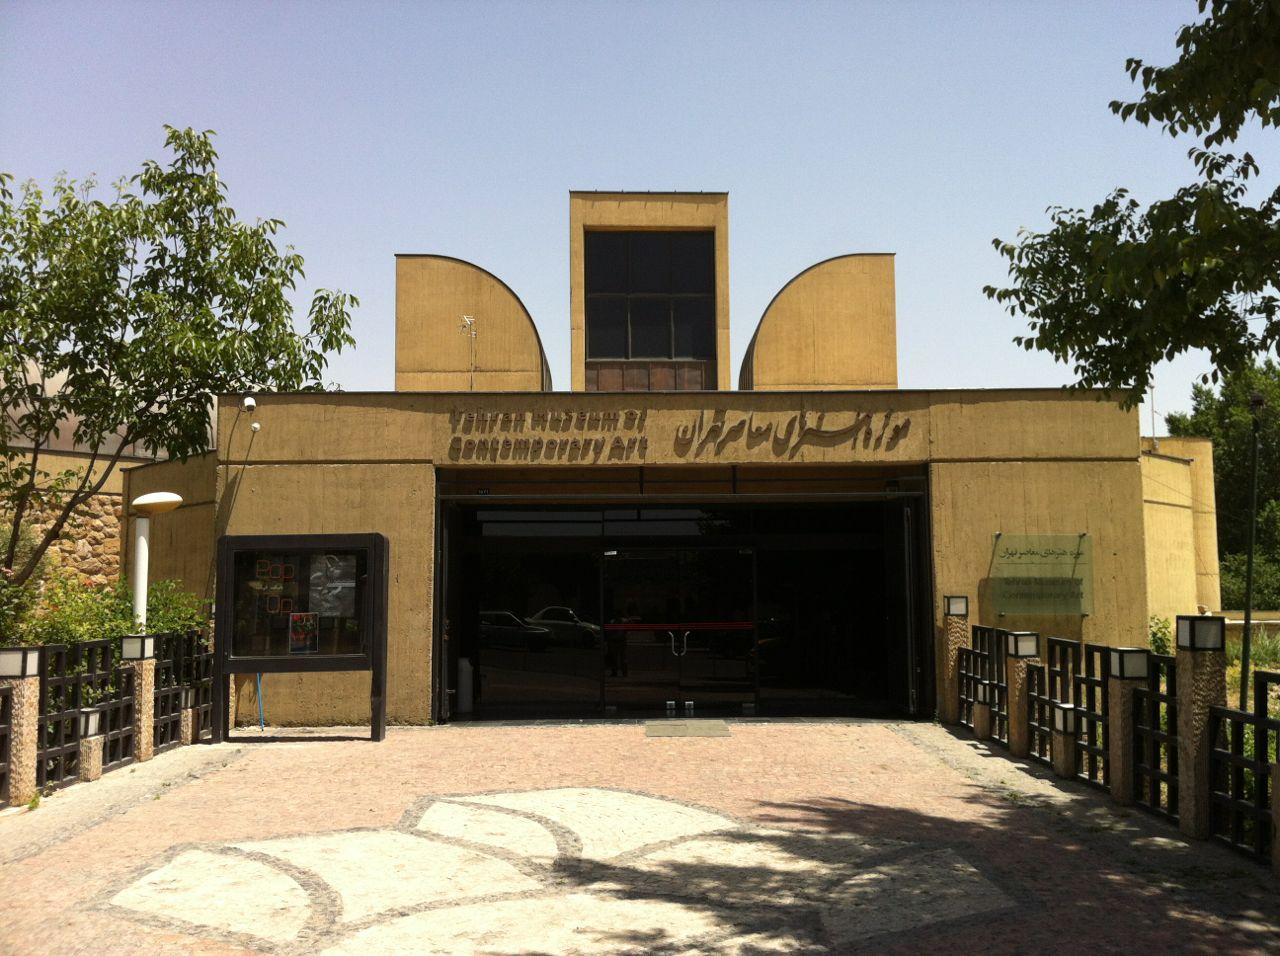 یکصد جاذبه دیدنی ایران (32)- پایگاه اینترنتی دانستنی ایران موزه هنرهای معاصر تهران